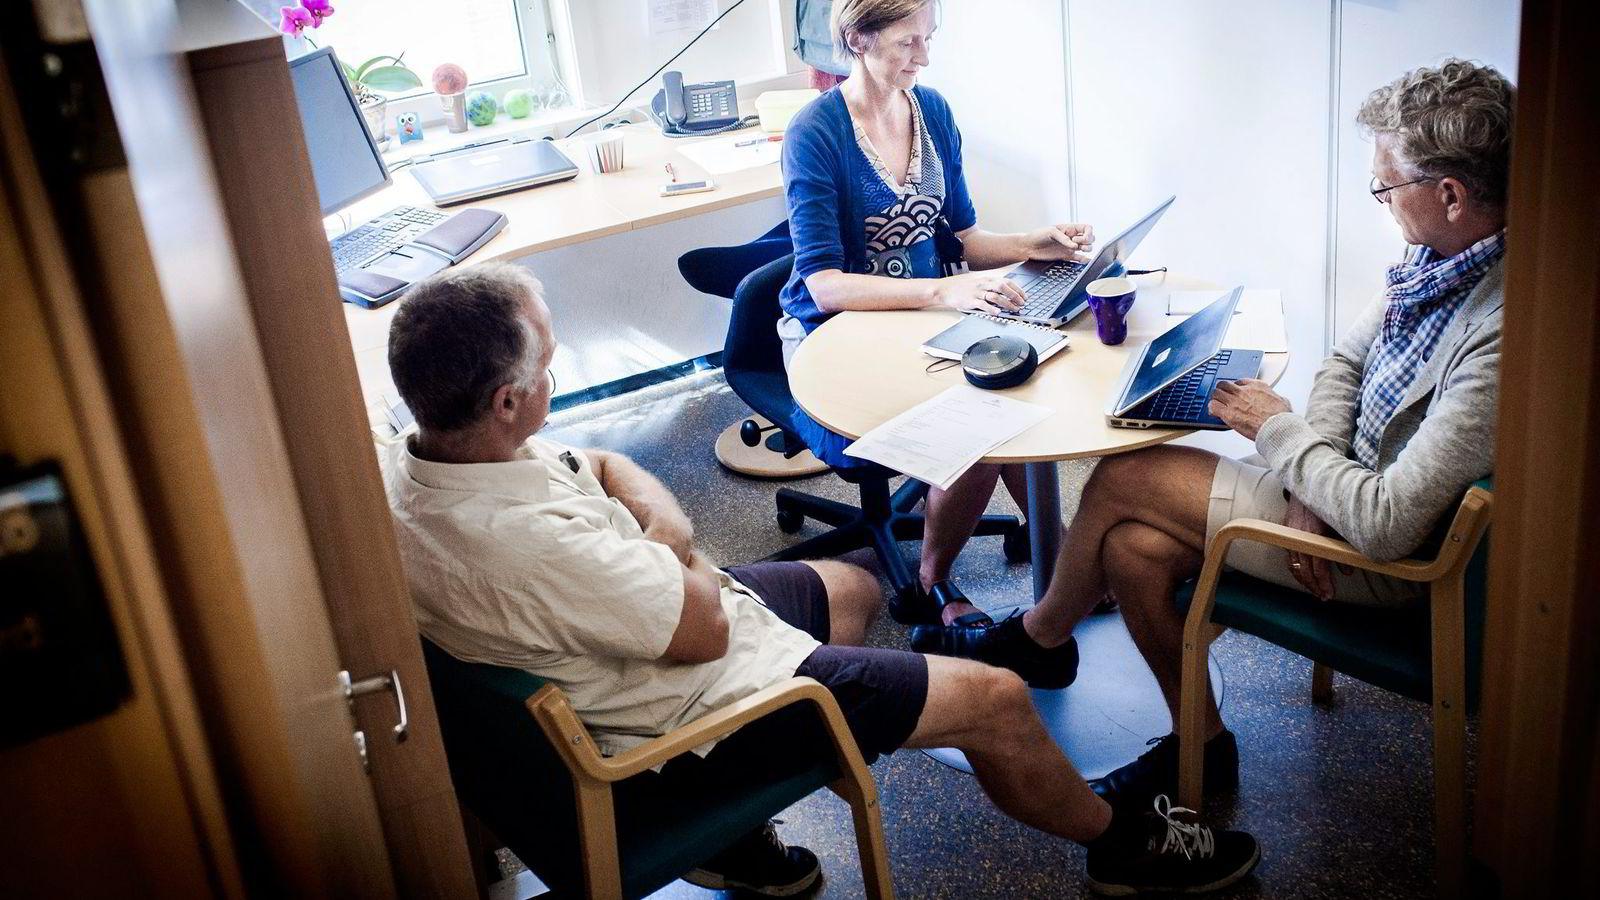 Øystein Tandberg (til venstre.) er på møte med Elin Ødegård og Tore Edvard Bergaust i Vegvesenet. Fra kommunikasjonsboksen på bordet hører vi fra Guri Ulltveit-Moe på Hamar, Liv Finborud på Lillehammer og Arnt-Ivar Weum i Moss.